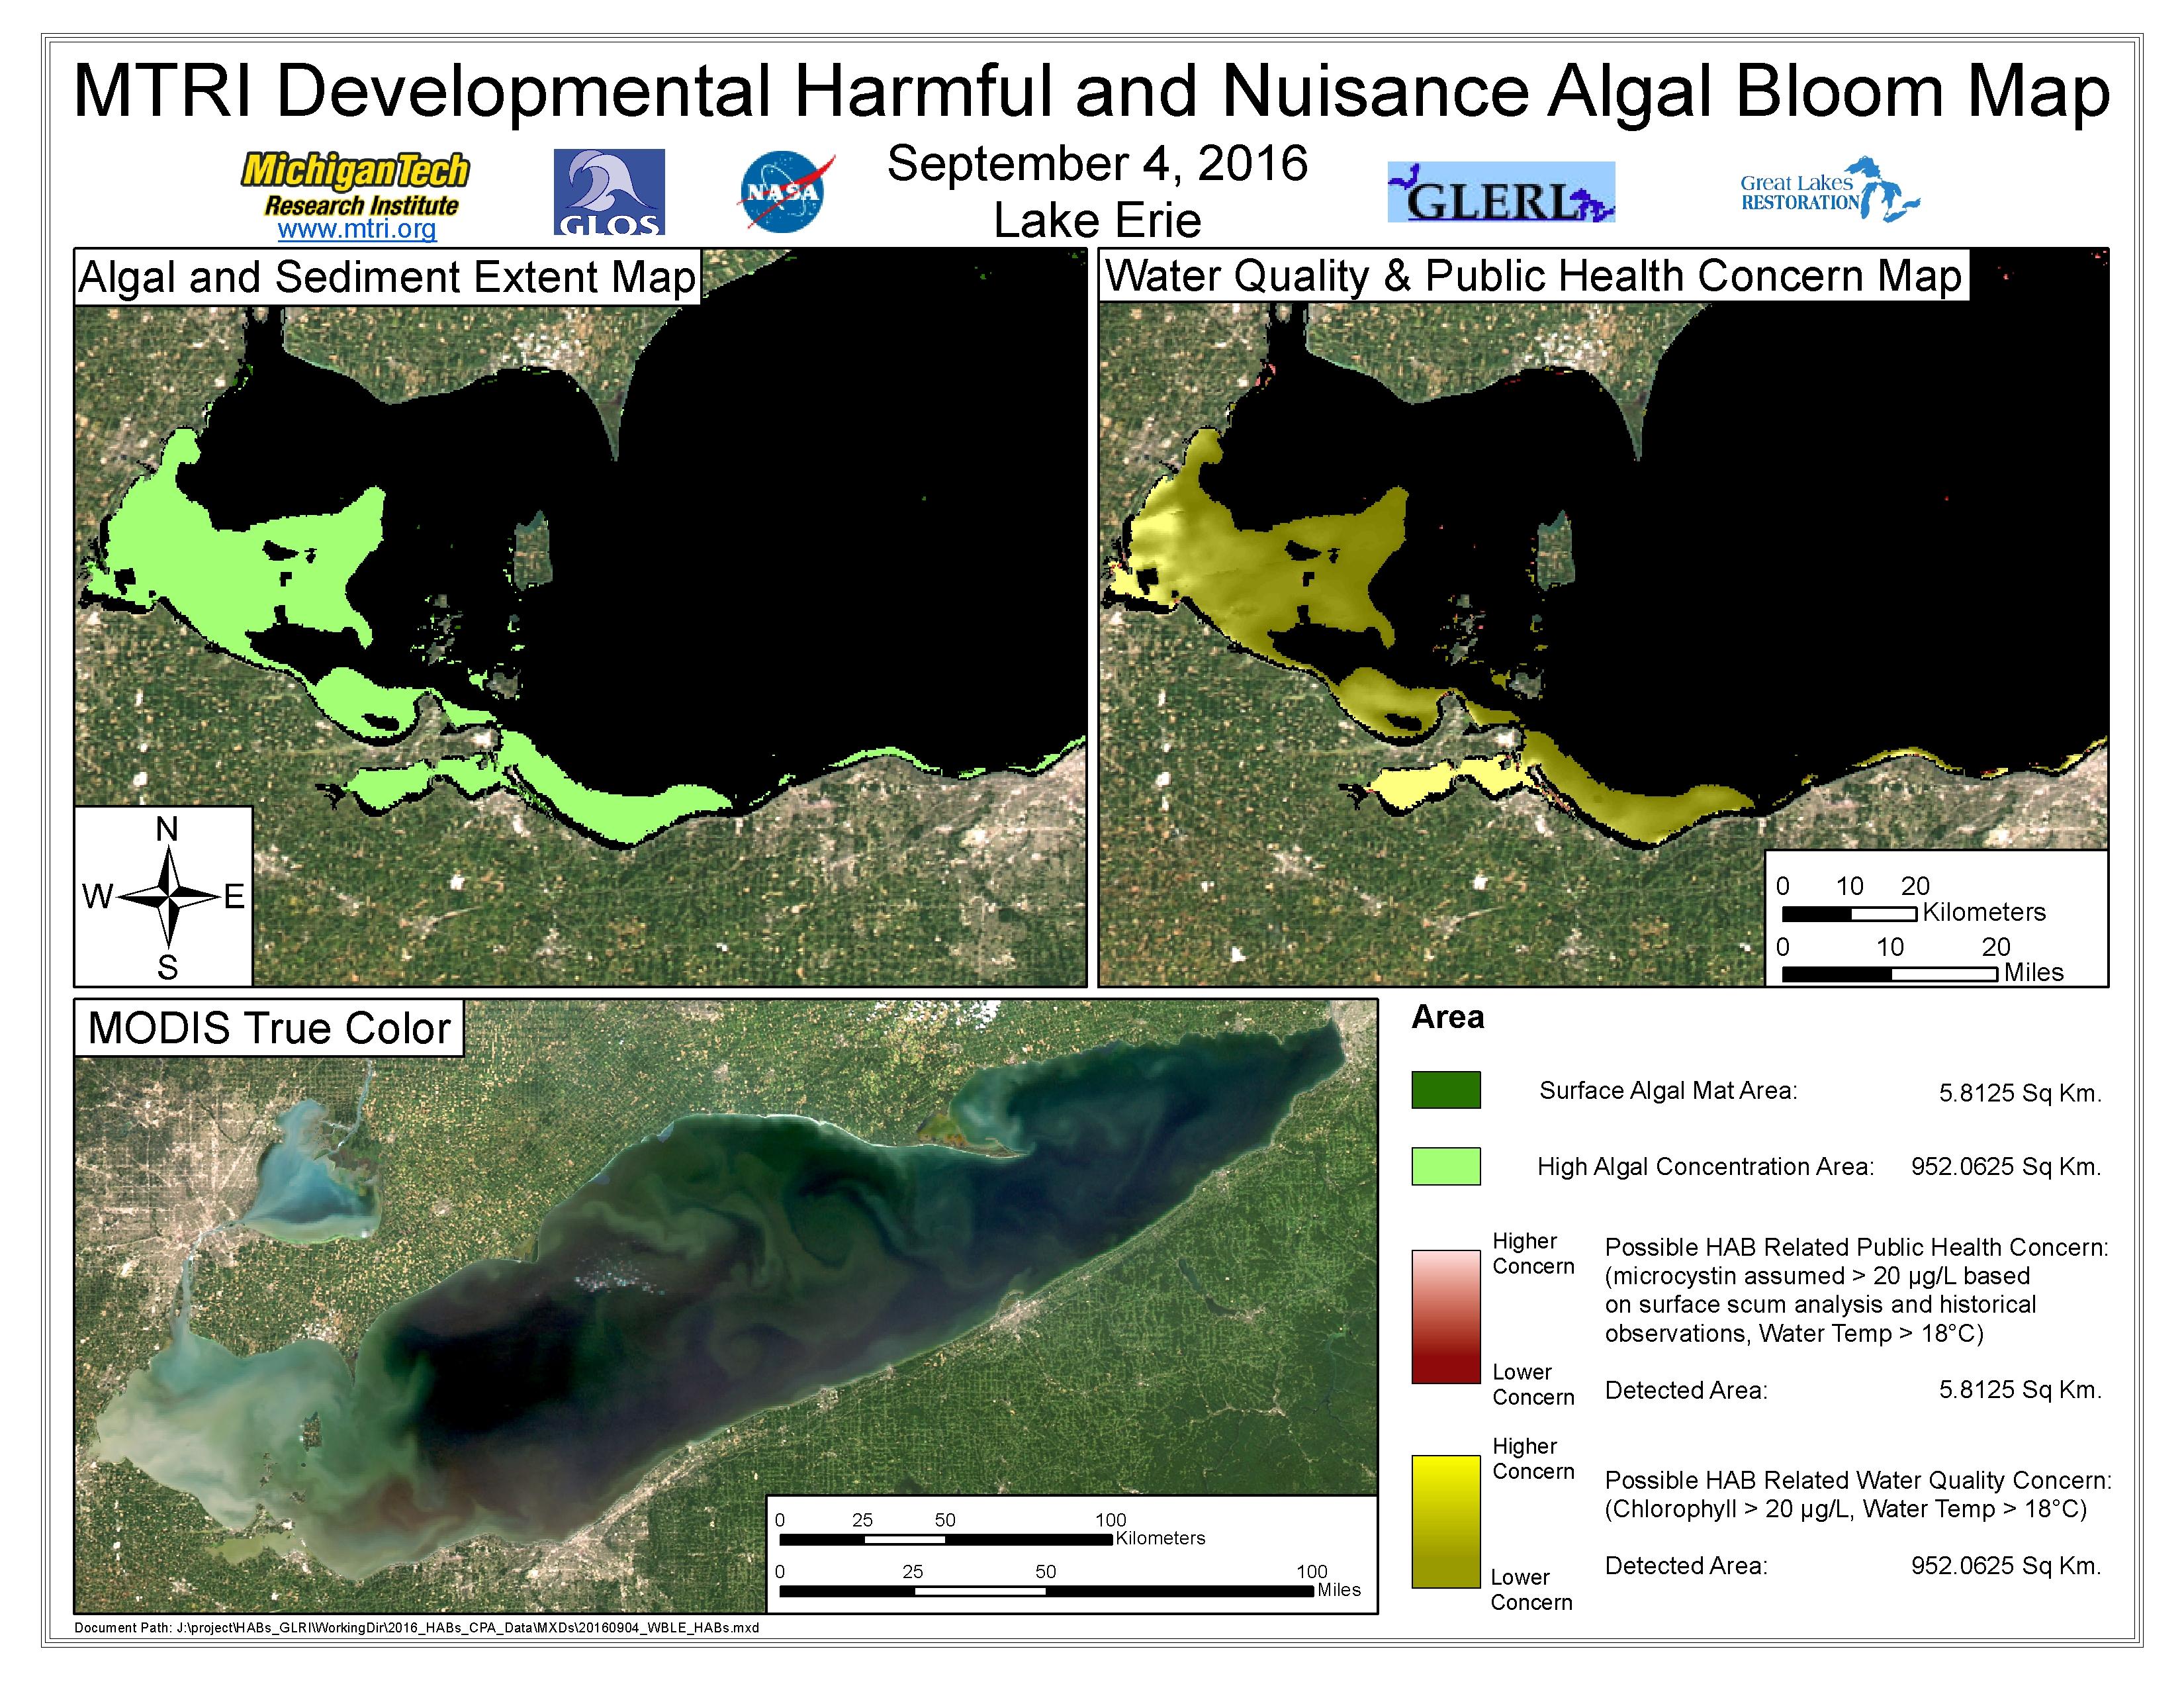 MODIS Aqua retrieval September 4, 2016